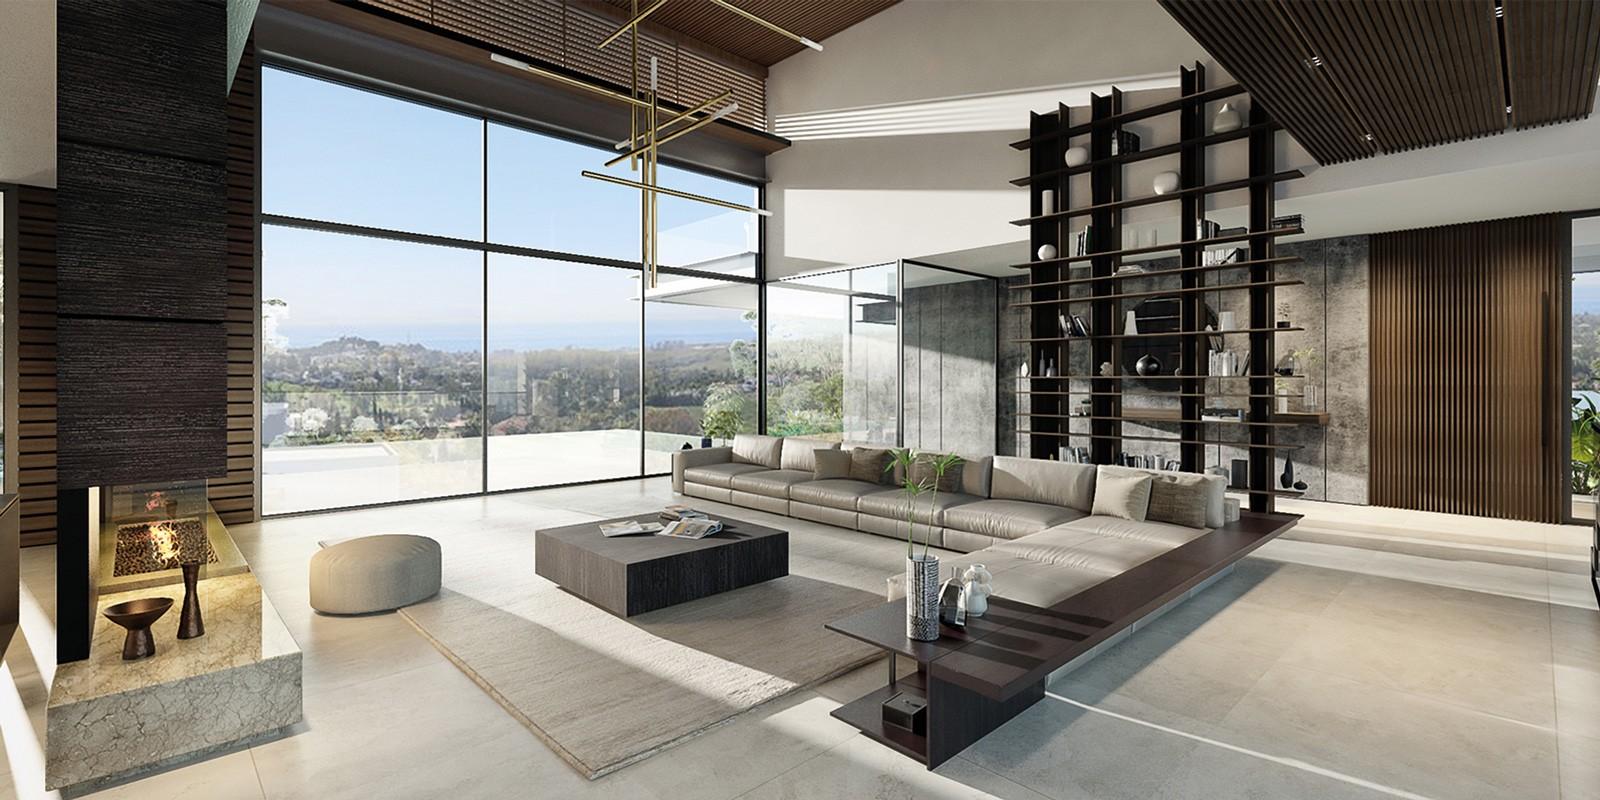 Qlistings - Contemporary villa in La Alquería Property Image